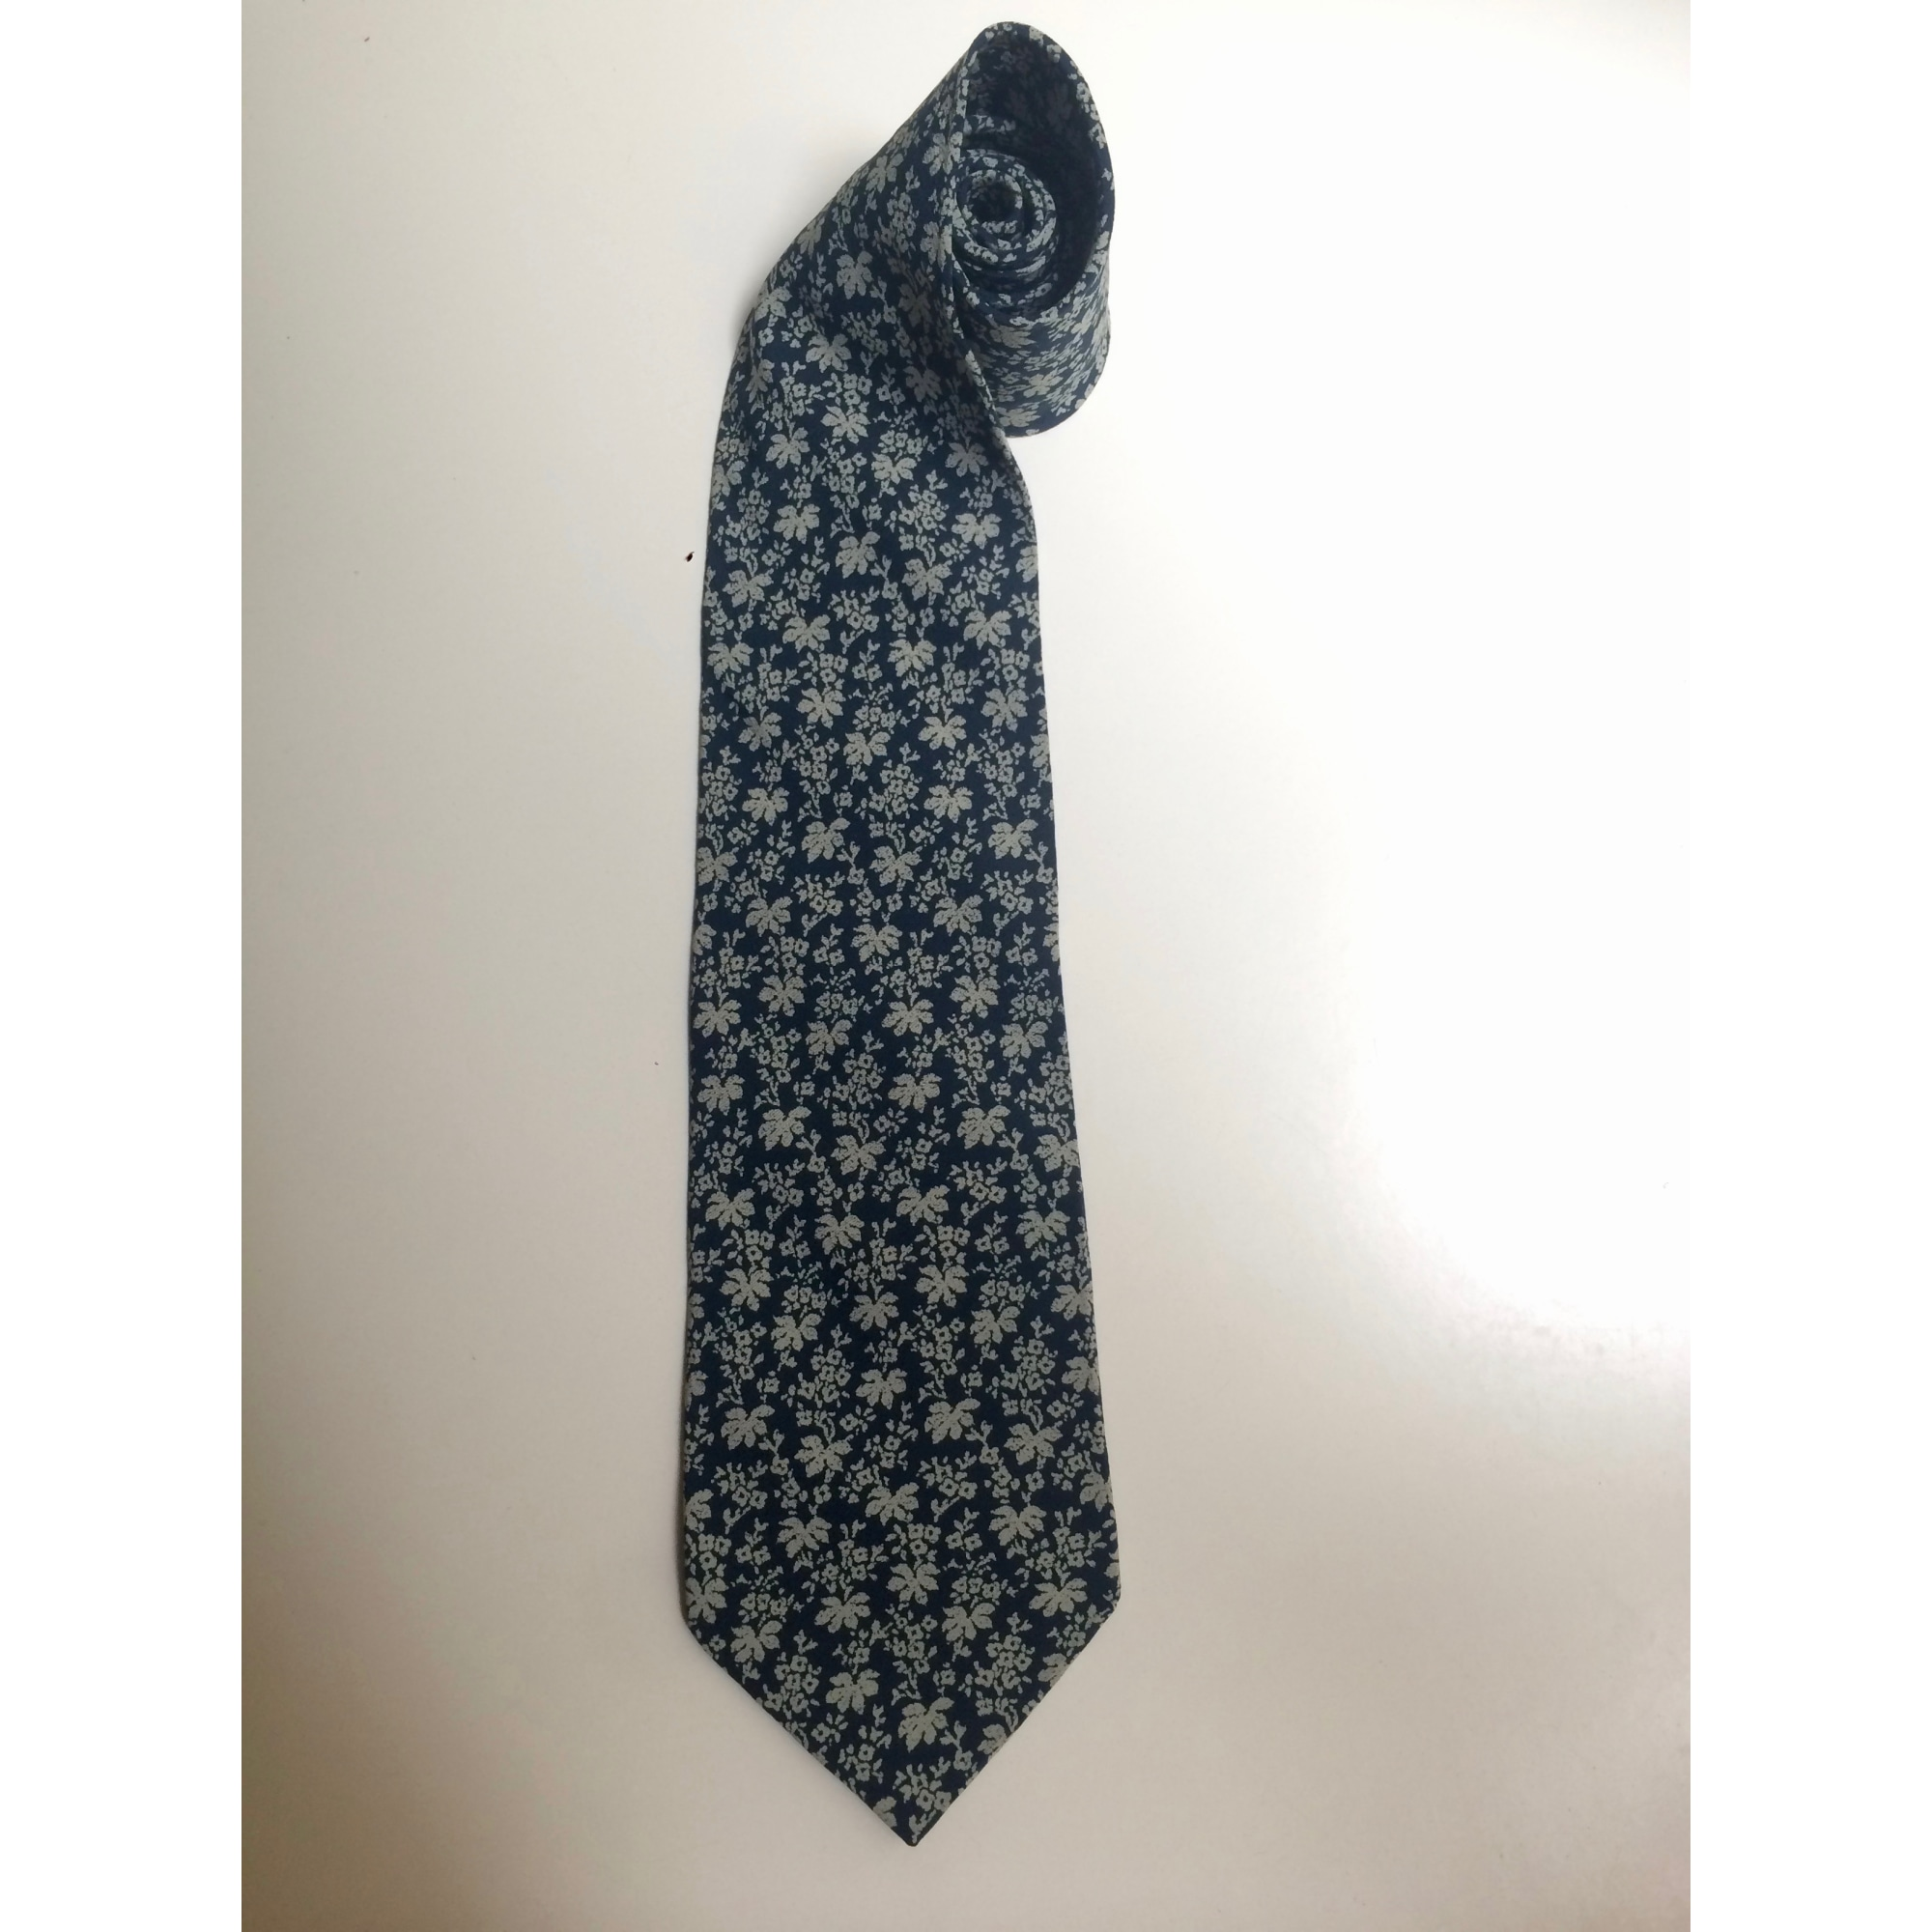 Cravate GIORGIO ARMANI Bleu, bleu marine, bleu turquoise